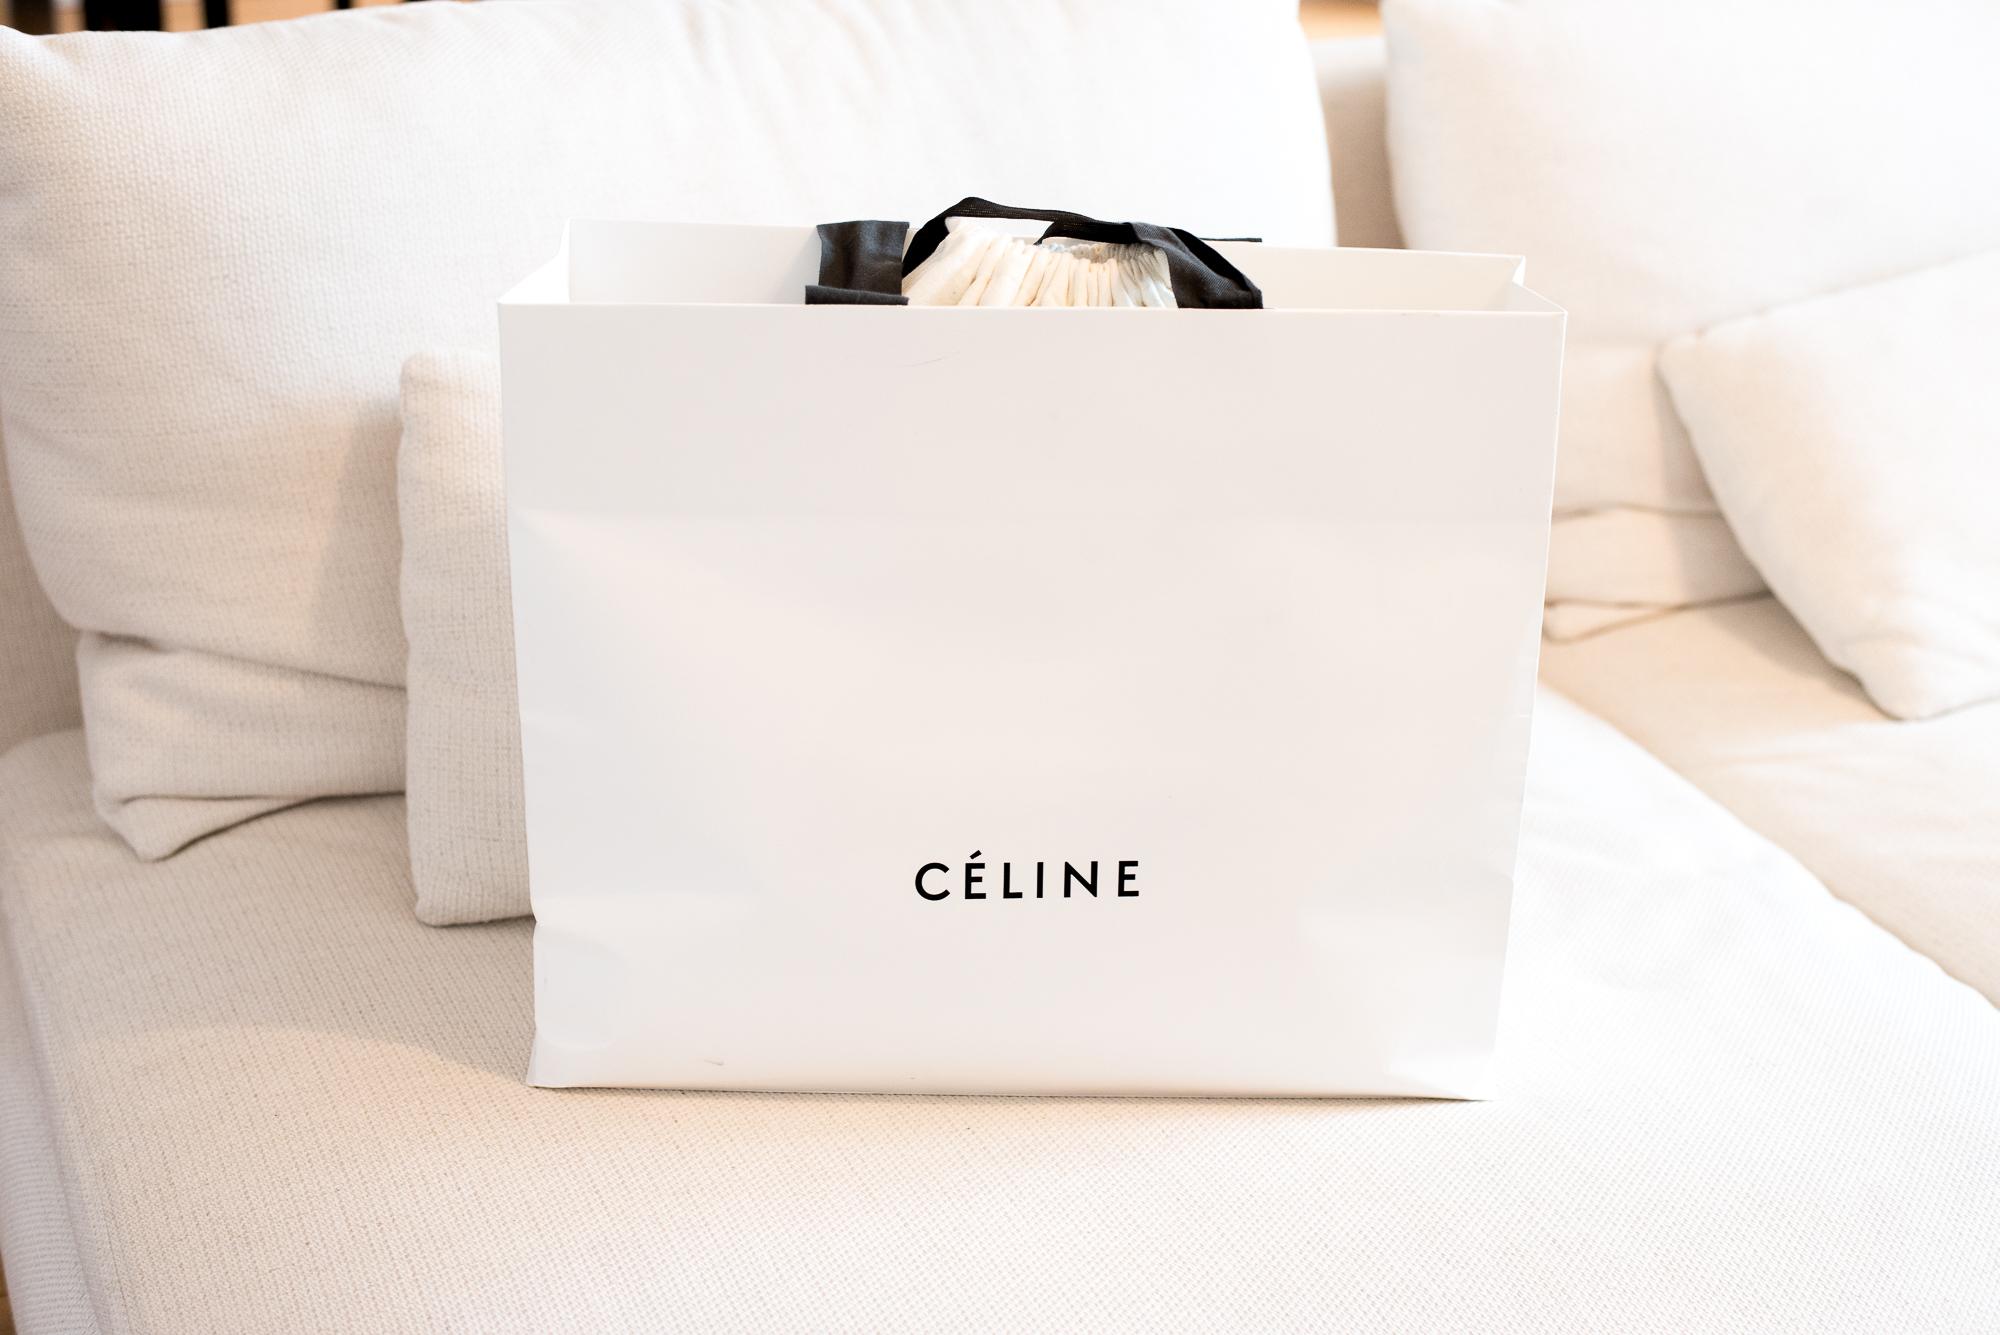 celine-belt-bag-review